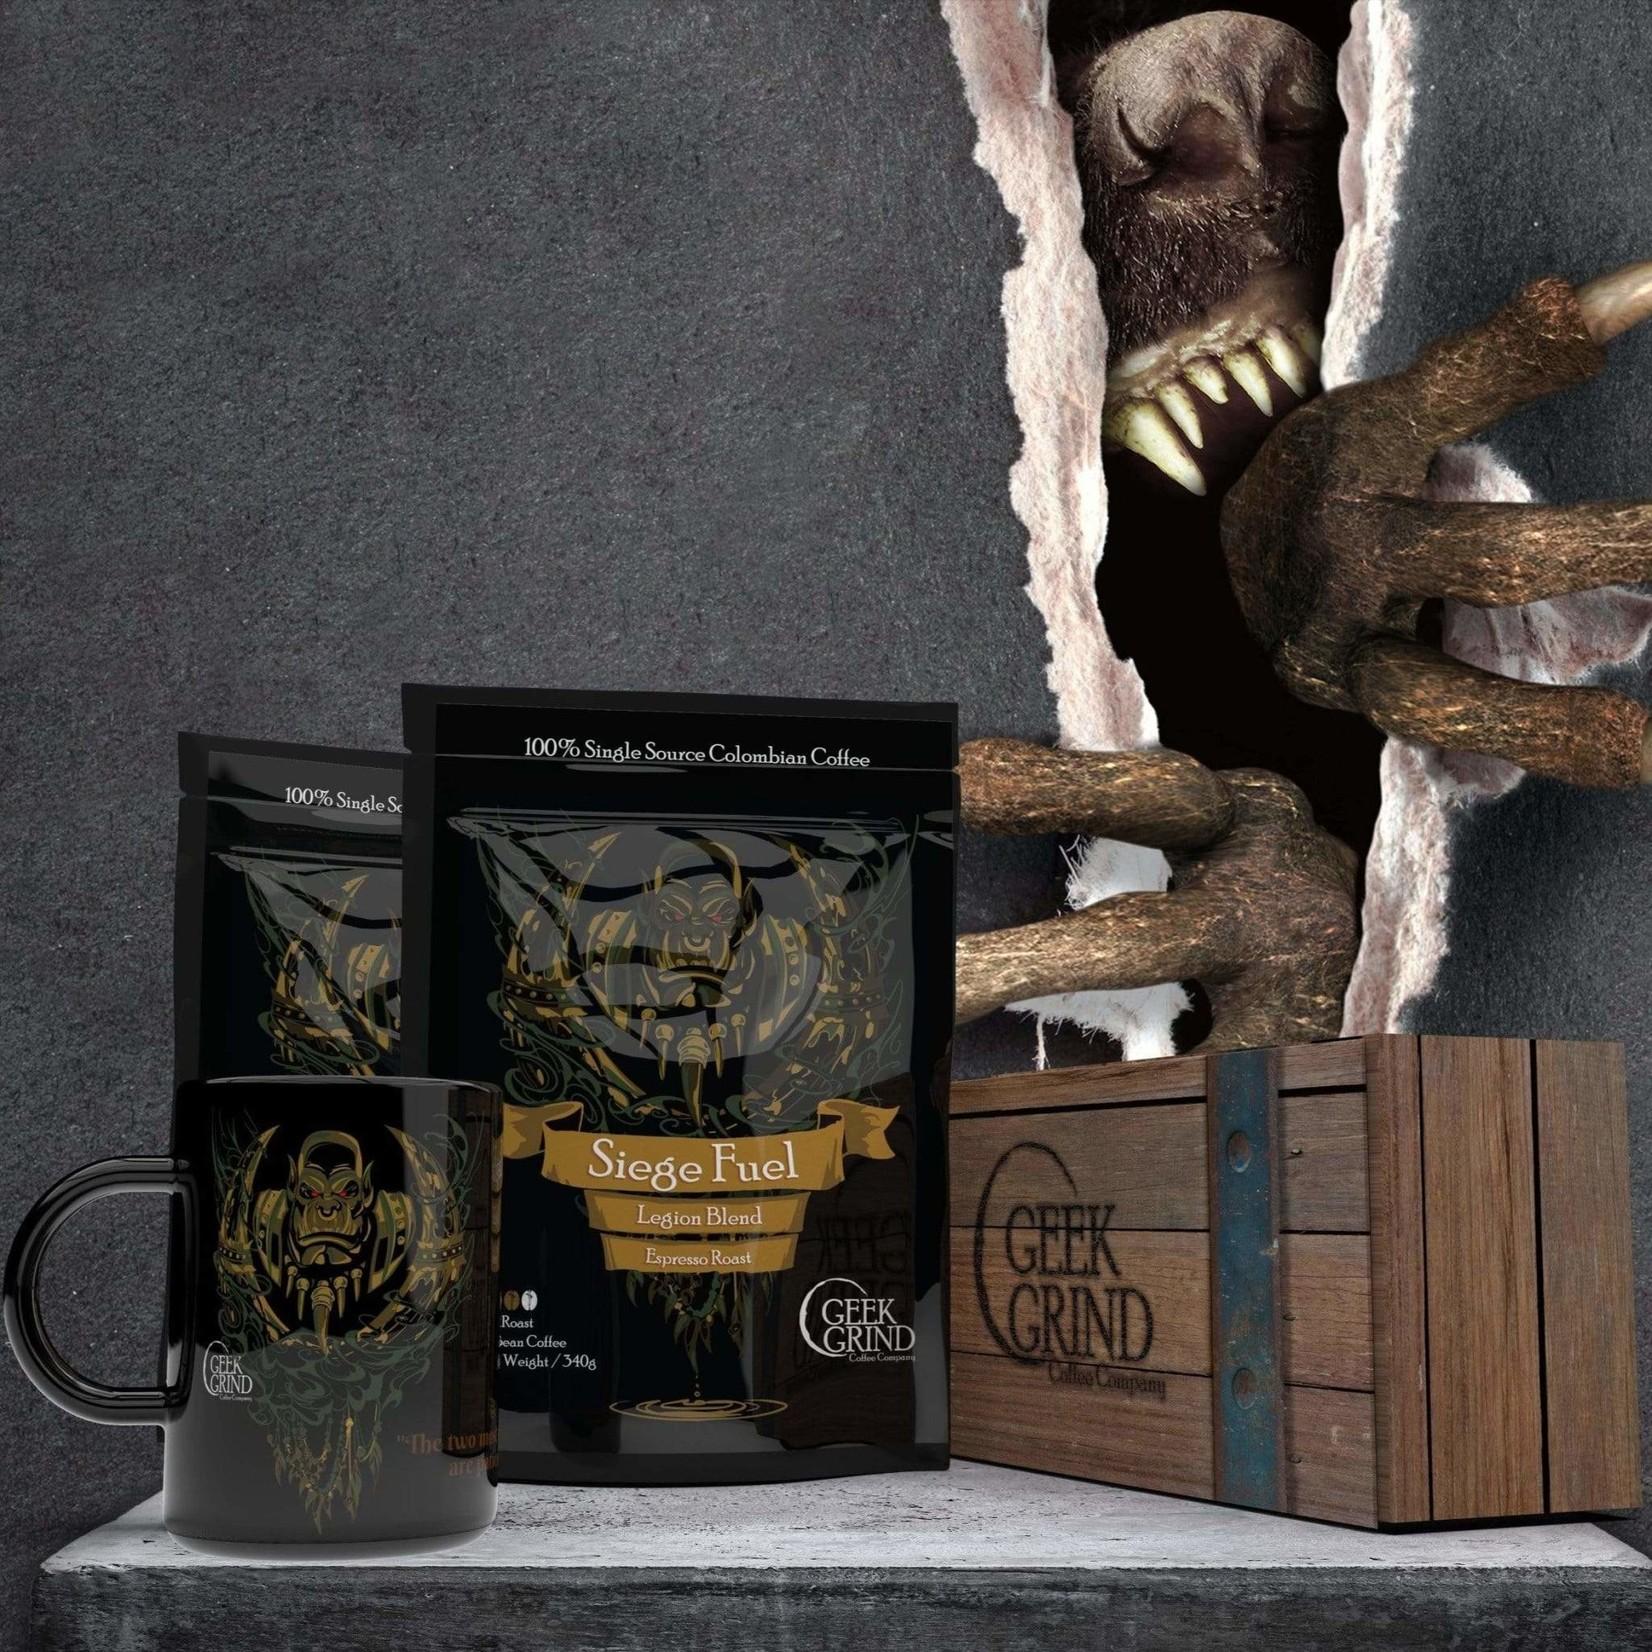 Geek Grind Siege Fuel & Cup Coffee Gift Crate